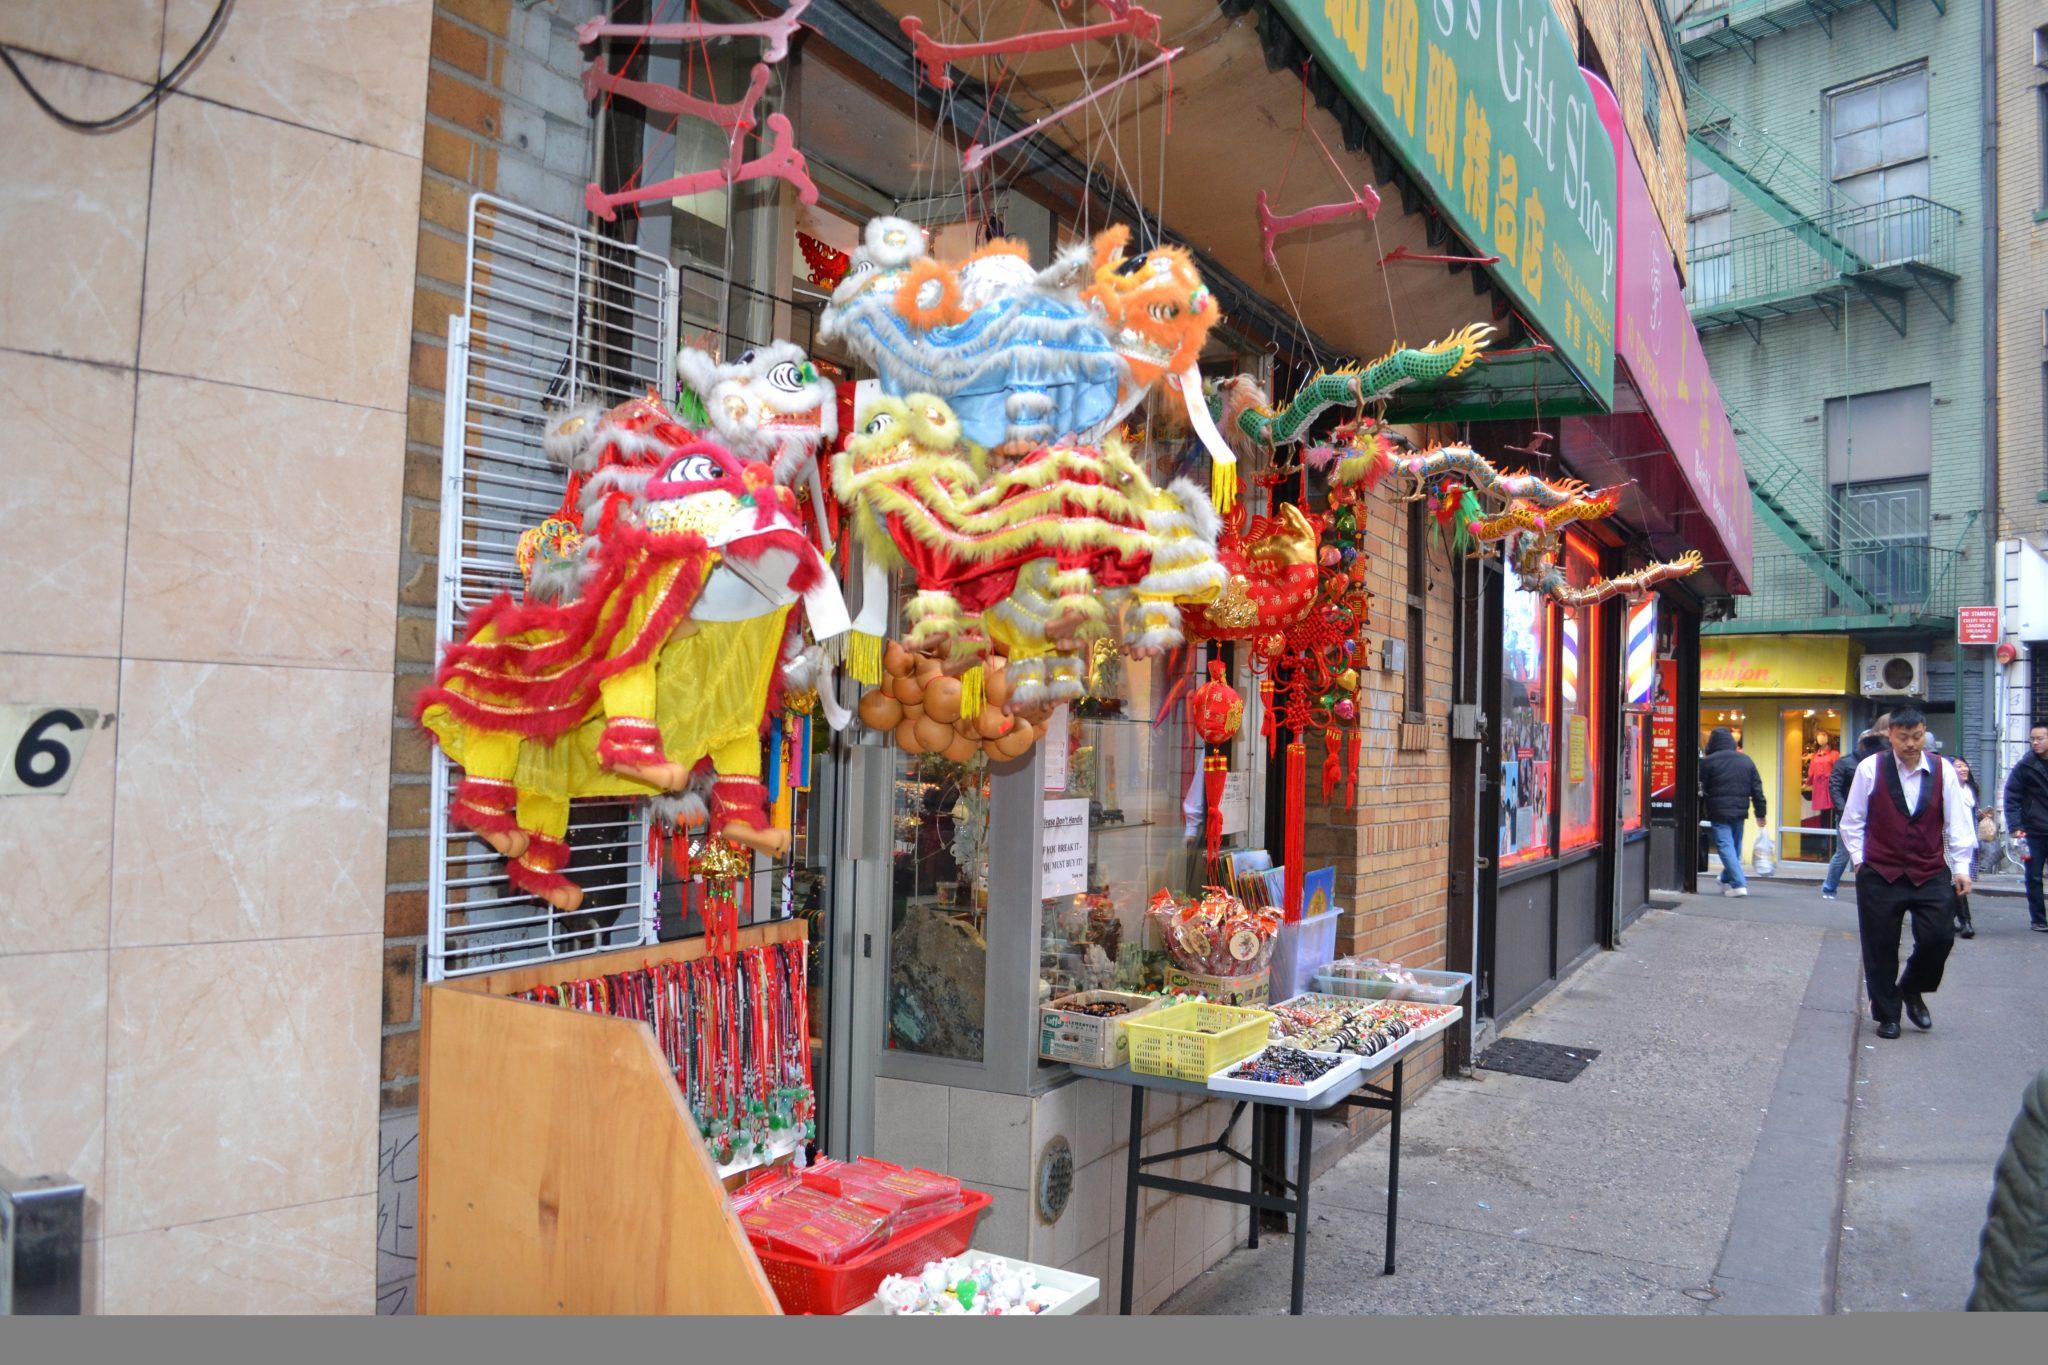 New York Part 5: Neighbourhoodwalk China Town - dsc 0534